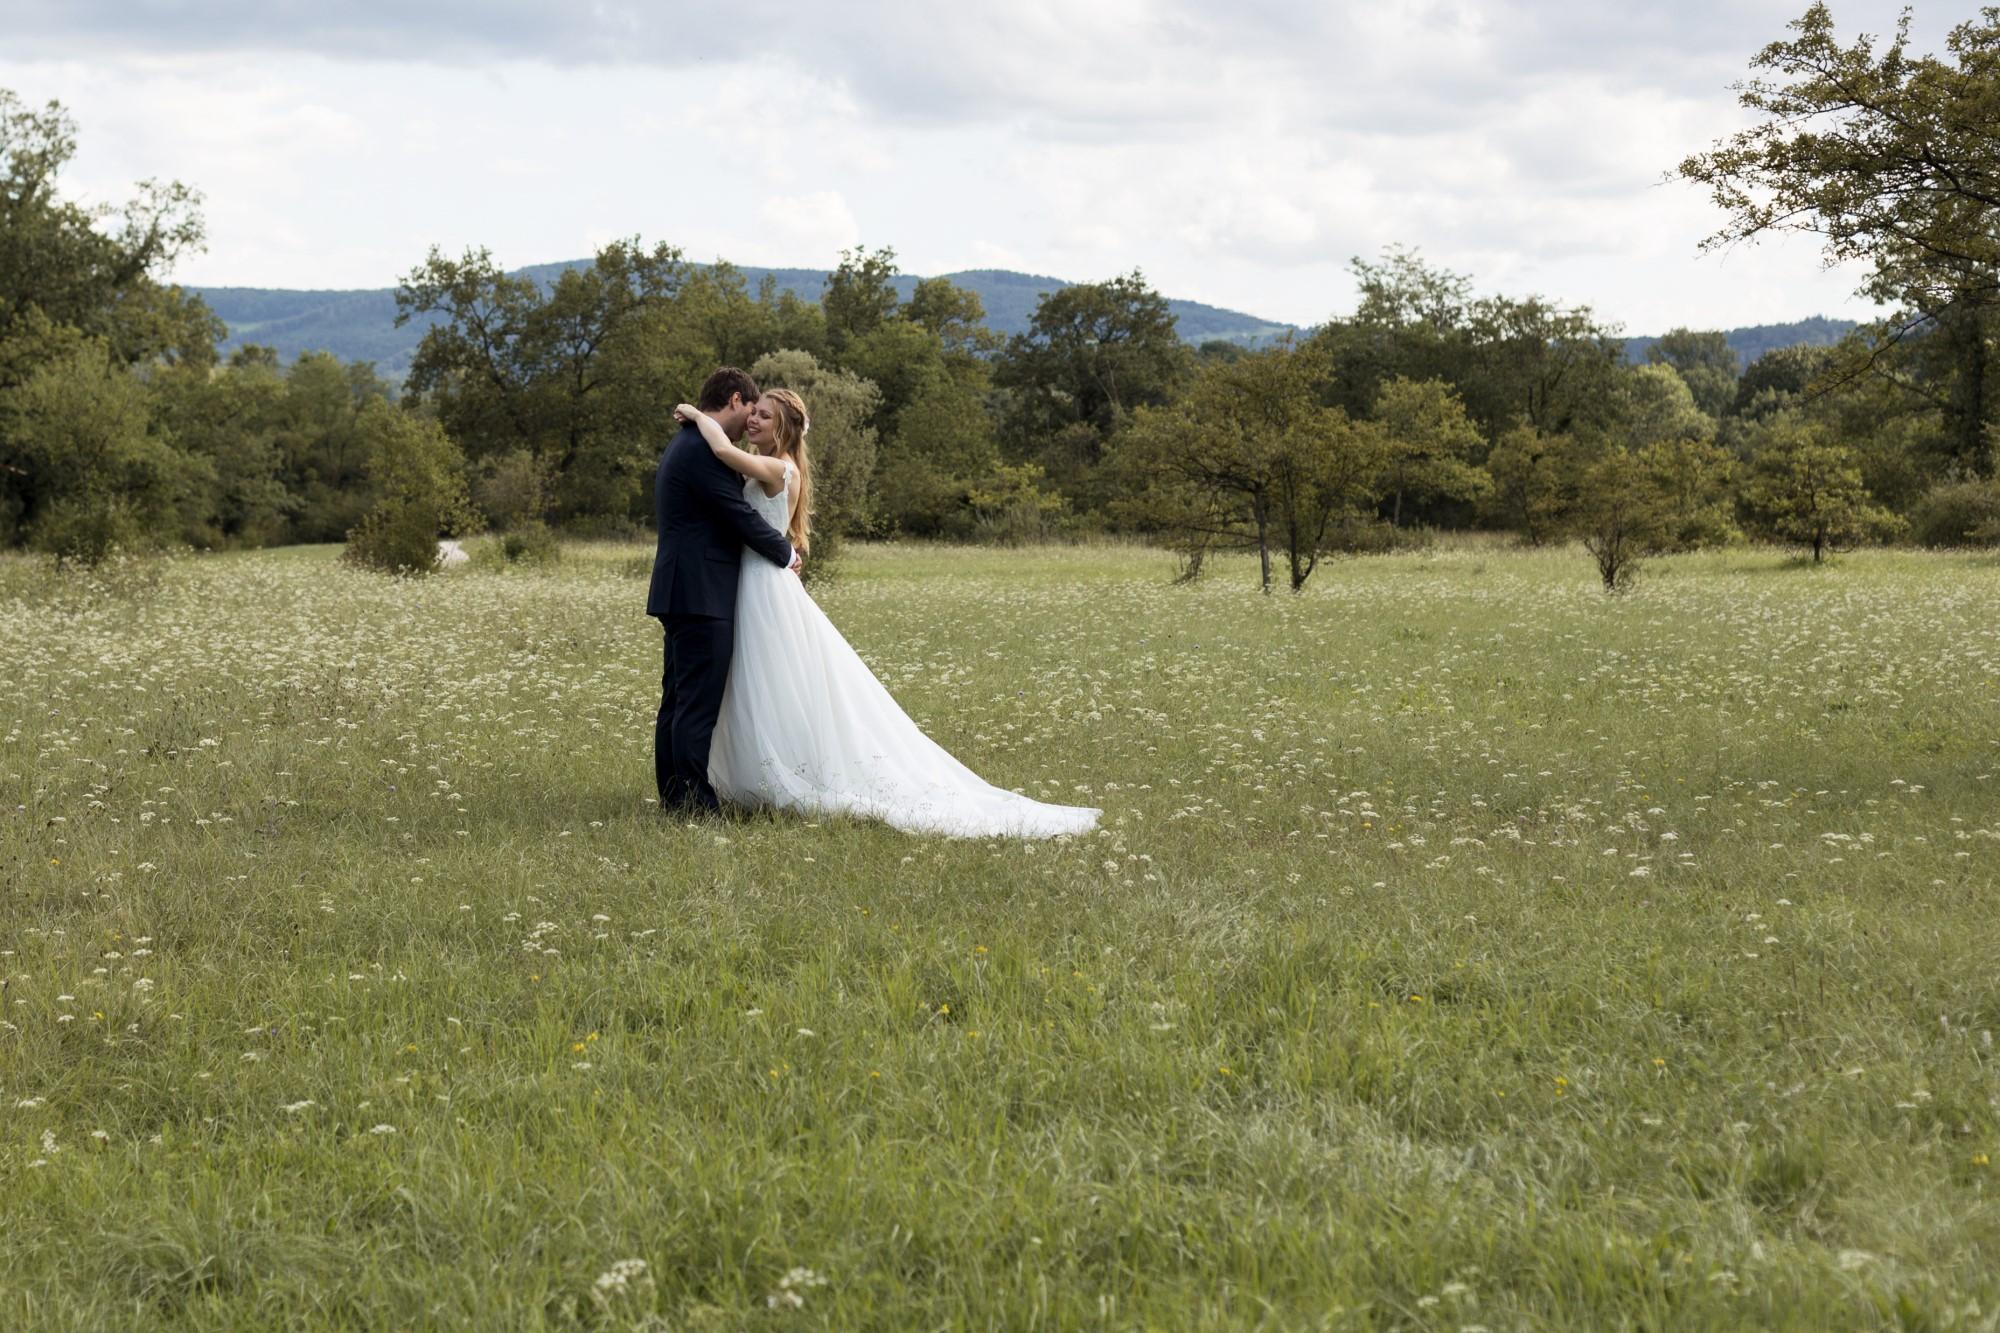 Brautpaar Fotoshooting - Das Brautpaar umarmt sich